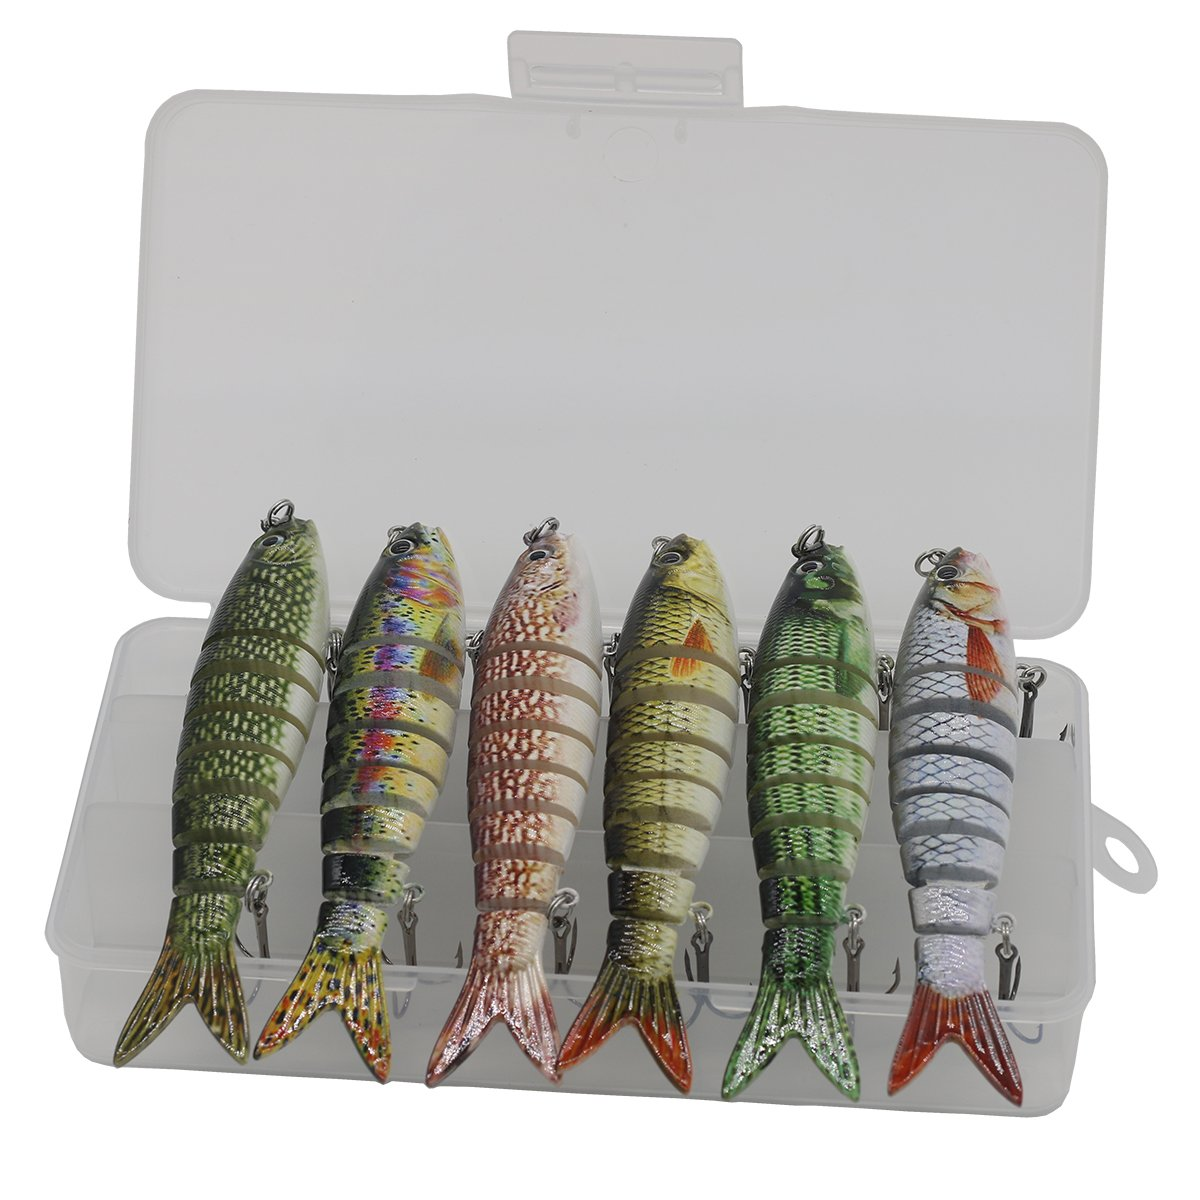 Modenpeak Multi Jointed Swim Bait Life-Like Fishing Hard Lure 5 Inch 1OZ 6Pcs by Modenpeak (Image #1)